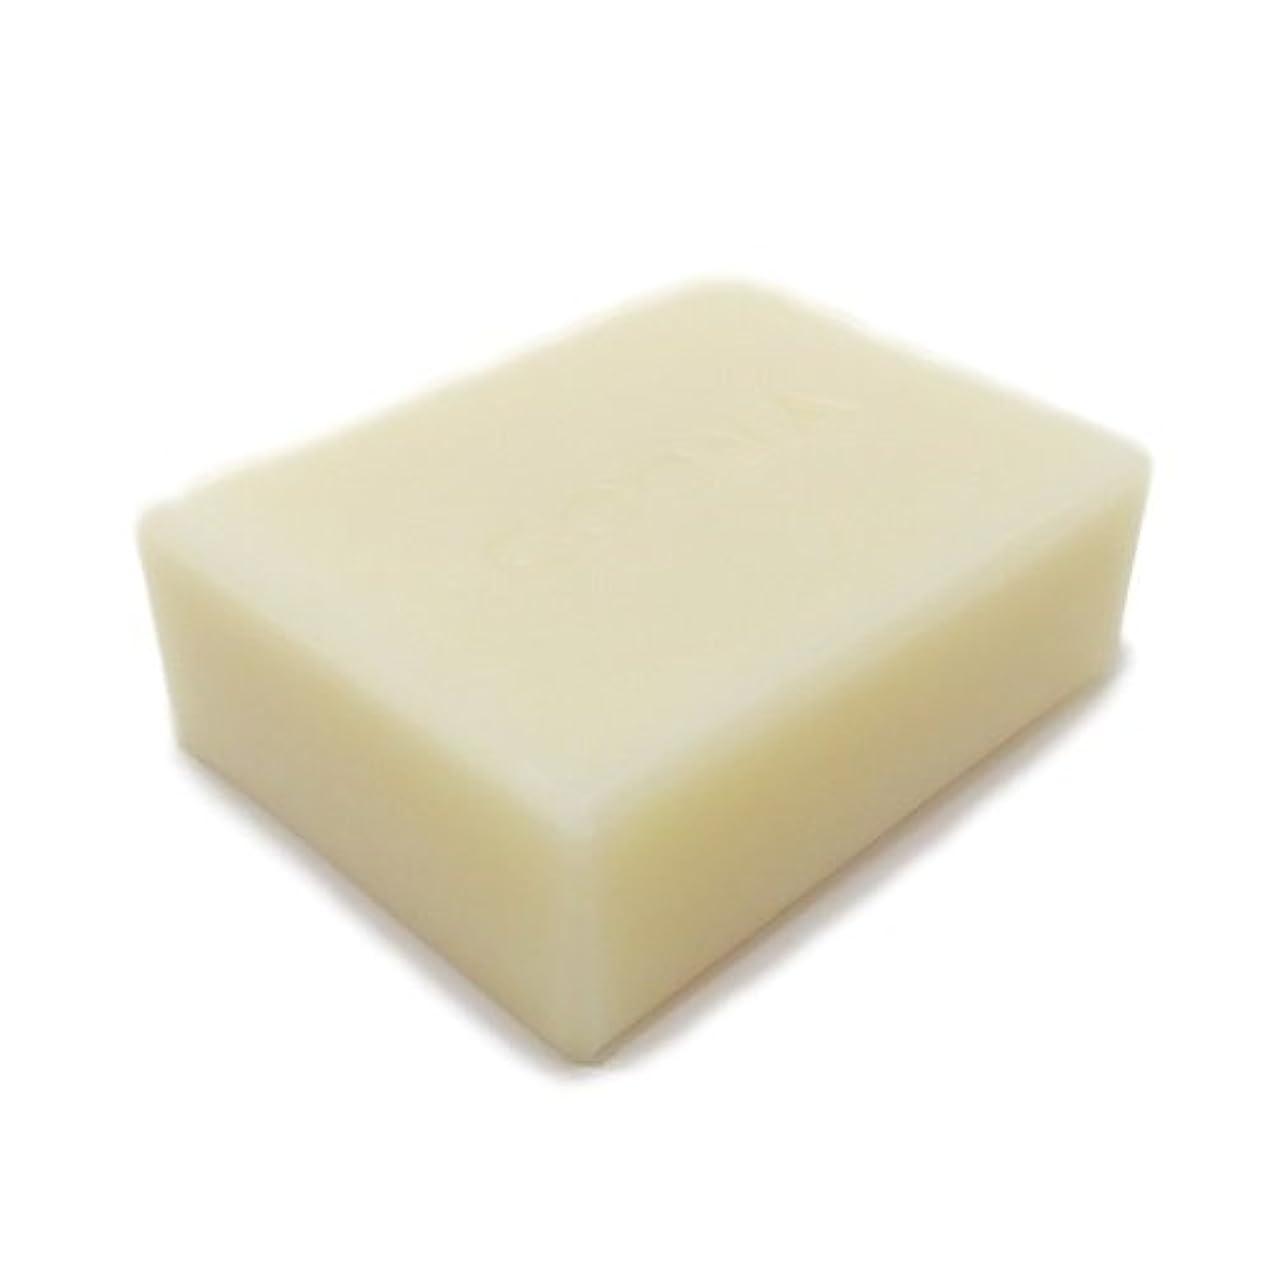 追い払う狂った混雑浴用石鹸 COONA和の香り石けん ひのき (天然素材 自然派 コールドプロセス 手作り せっけん) 80g